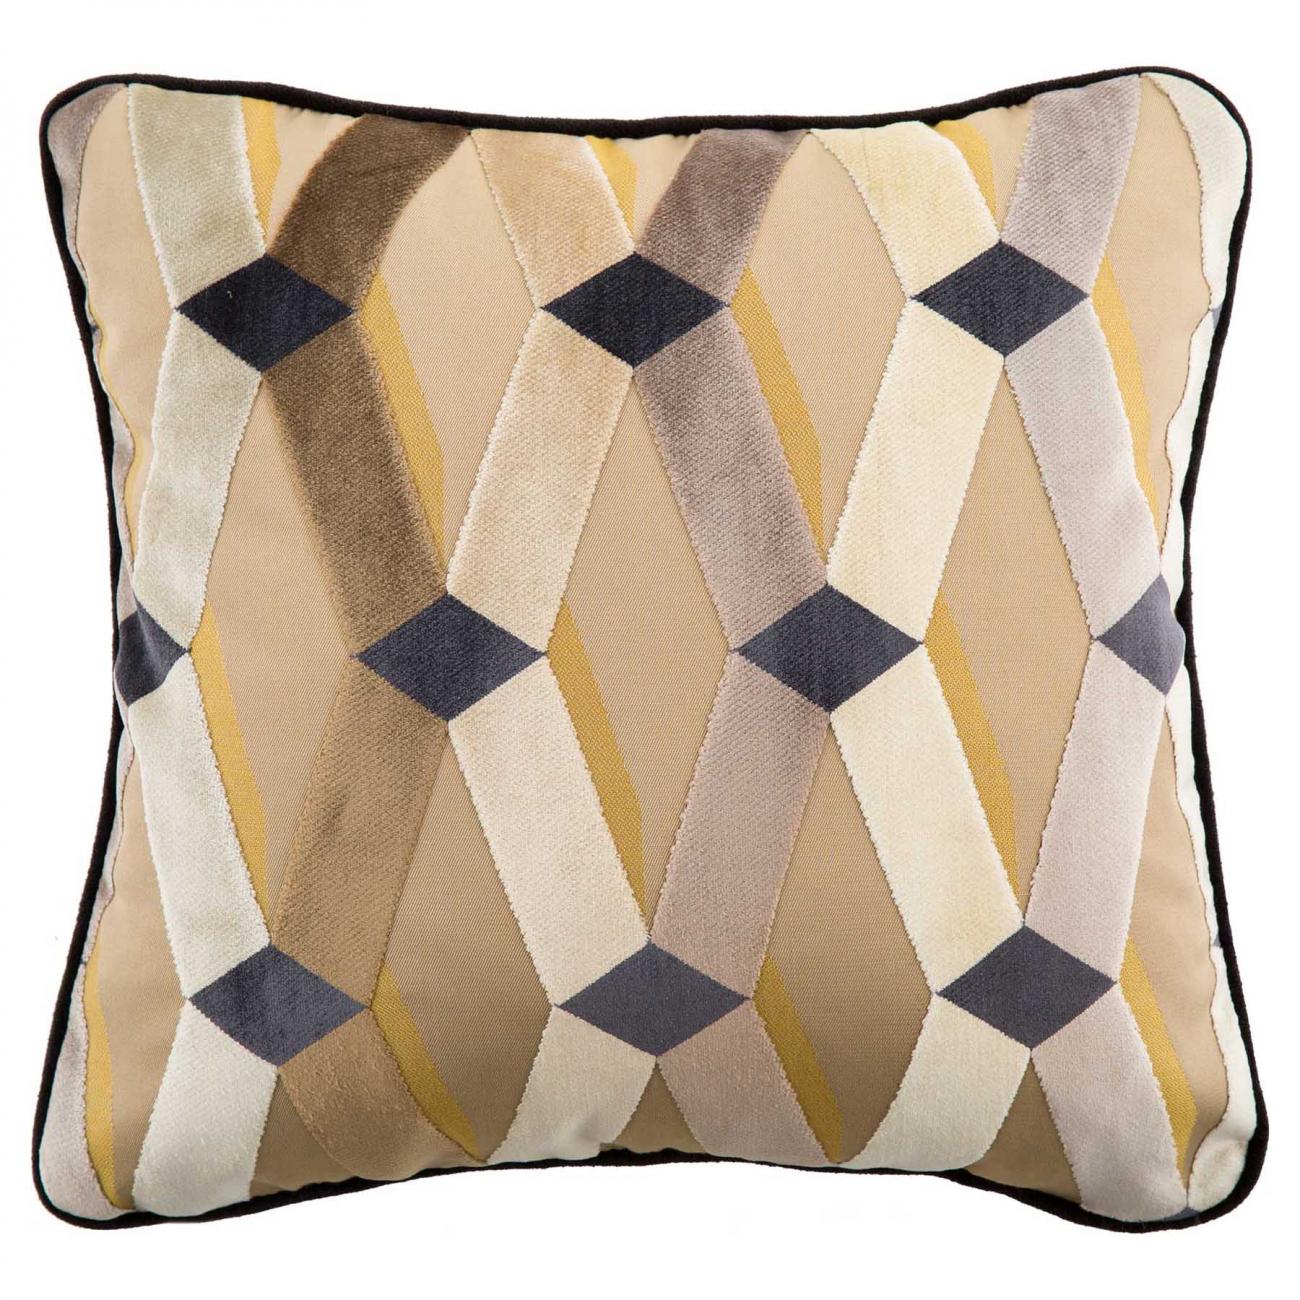 Купить Подушка Weave в интернет магазине дизайнерской мебели и аксессуаров для дома и дачи